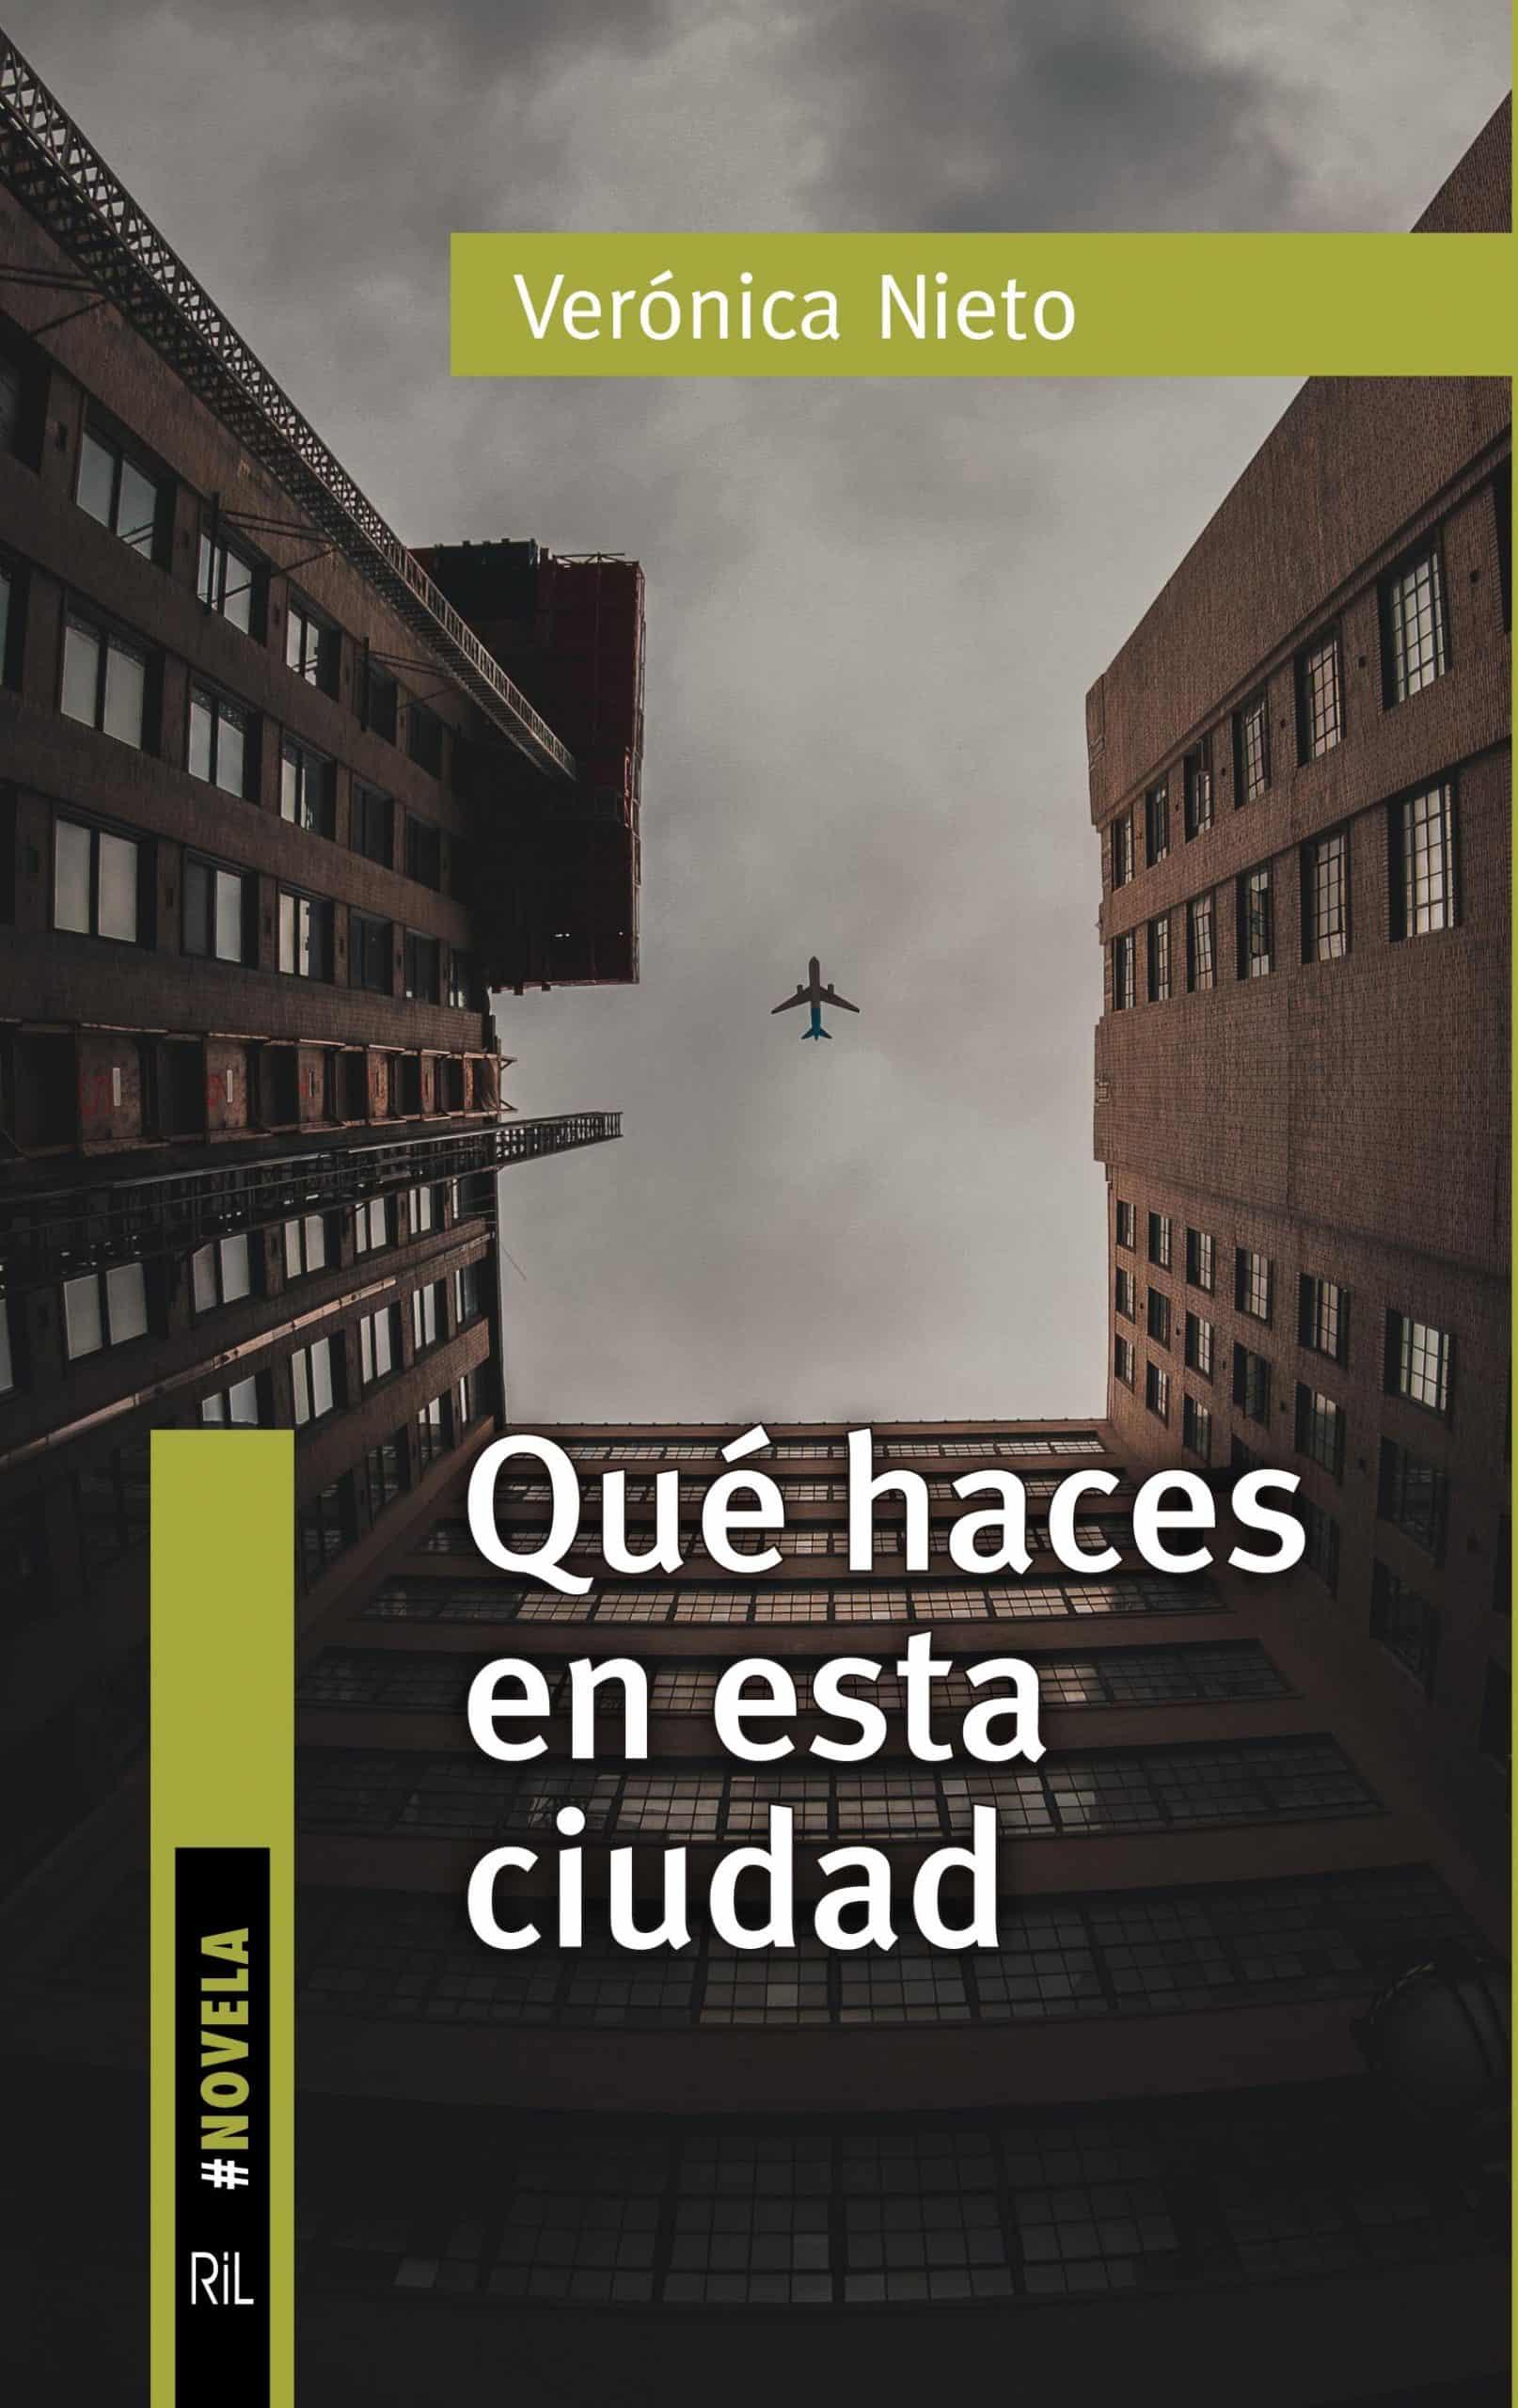 9788418065033-Nieto-Veronica-2021-Que-haces-en-esta-ciudad-1-scaled-1.jpg